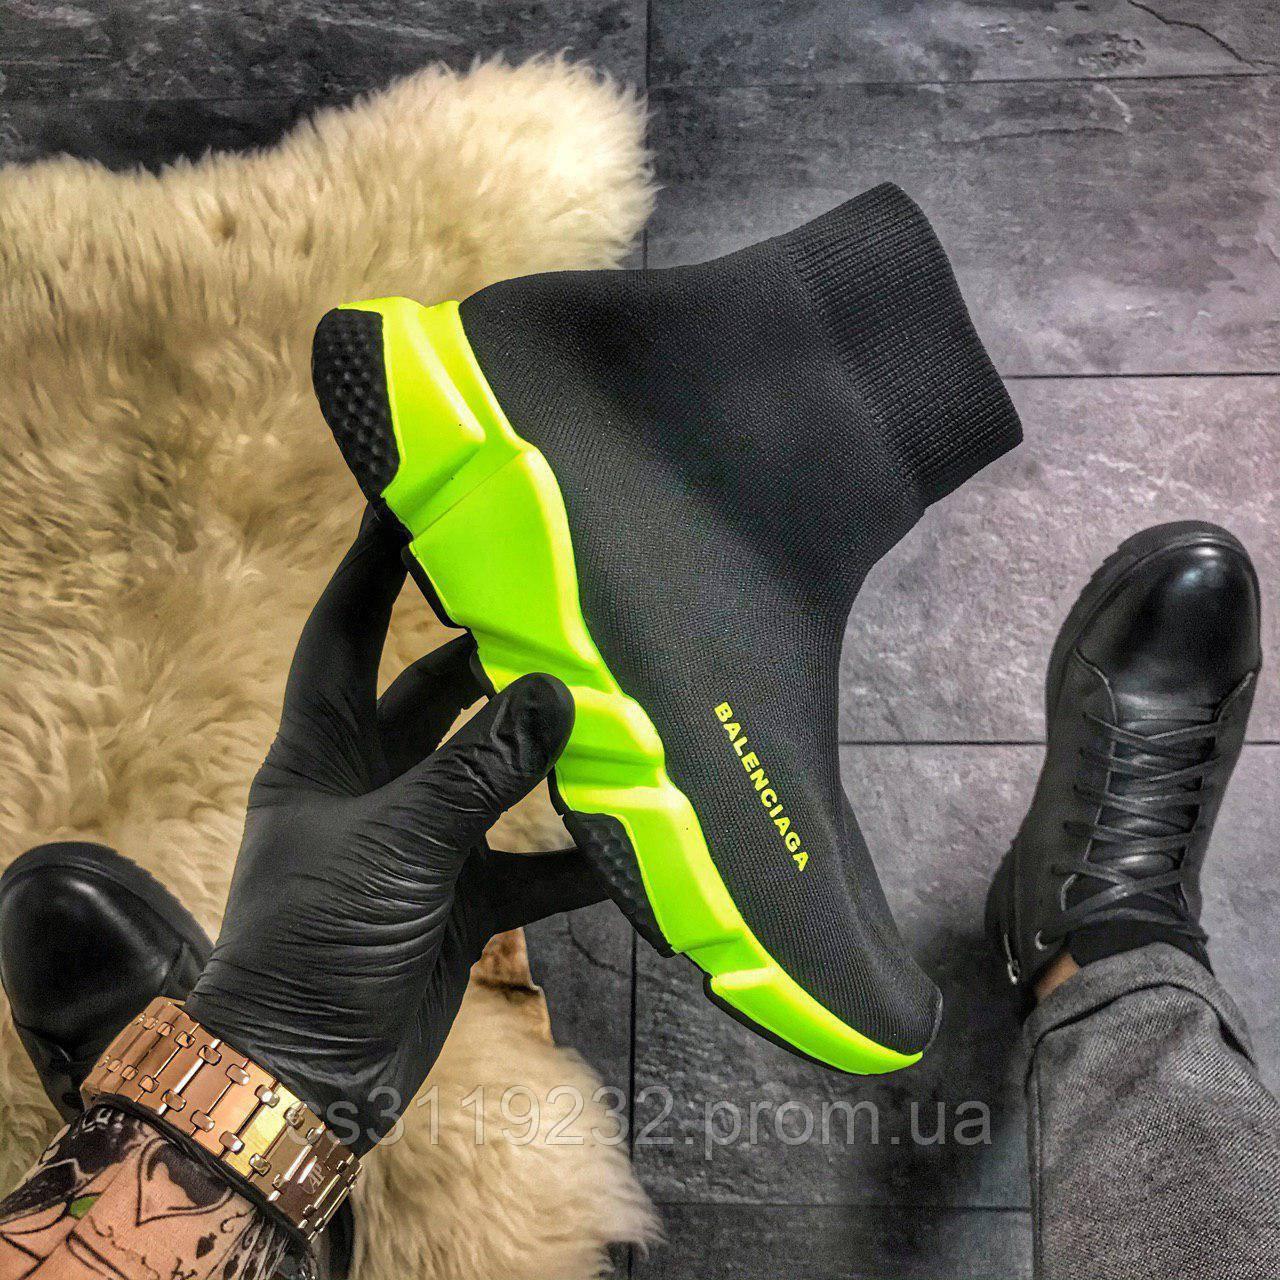 Женские кроссовки Balenciaga Speed Black Green (черные)